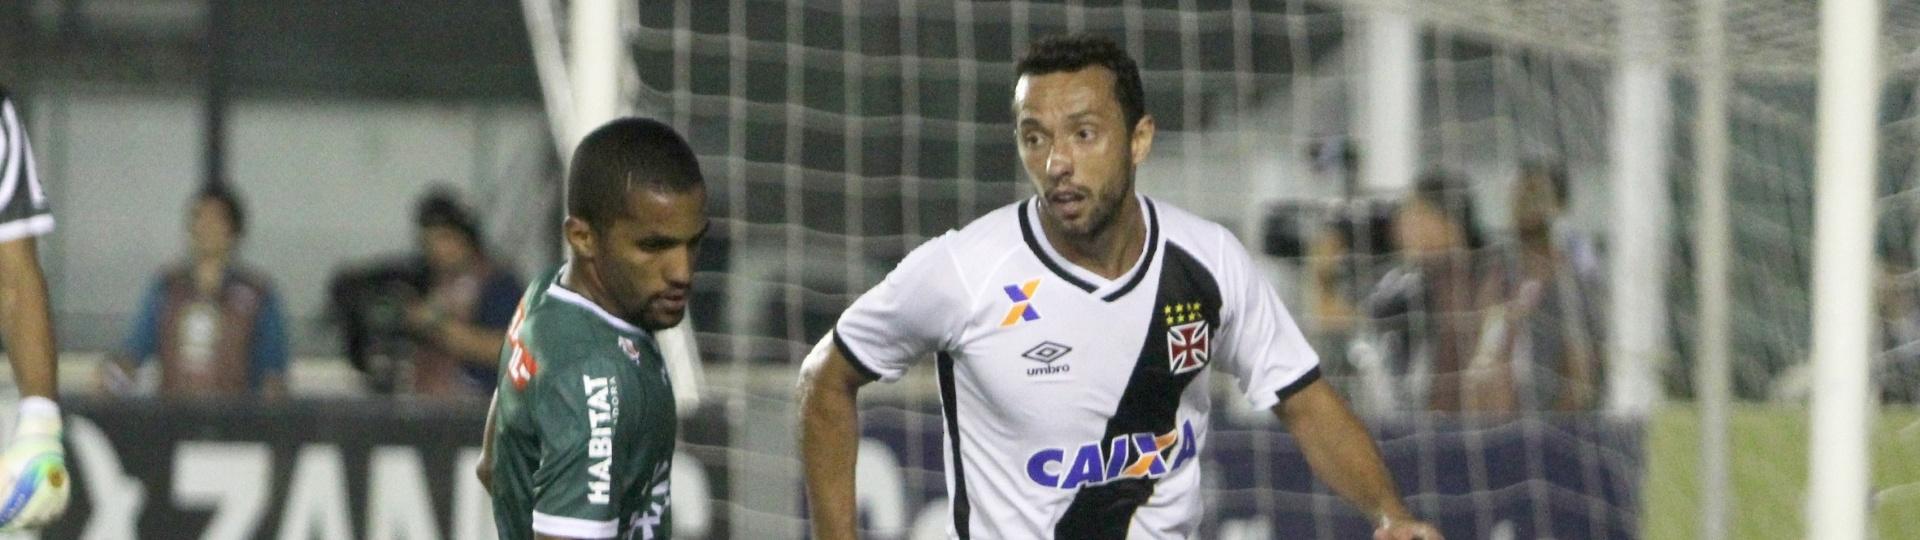 Nenê encara marcação na partida Vasco x Luverdense